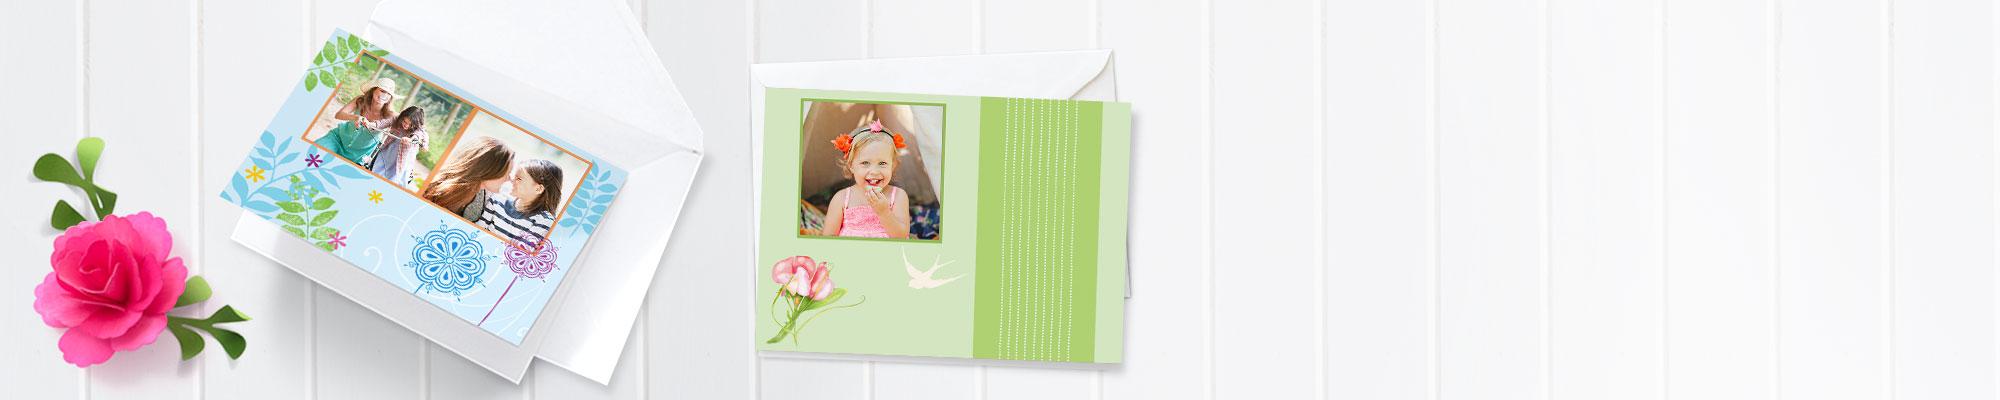 Biglietti d'Auguri Biglietti d'auguri personalizzabili con le tue foto. Nuovi design ed elementi decorativi per i tuoi momenti di festa!